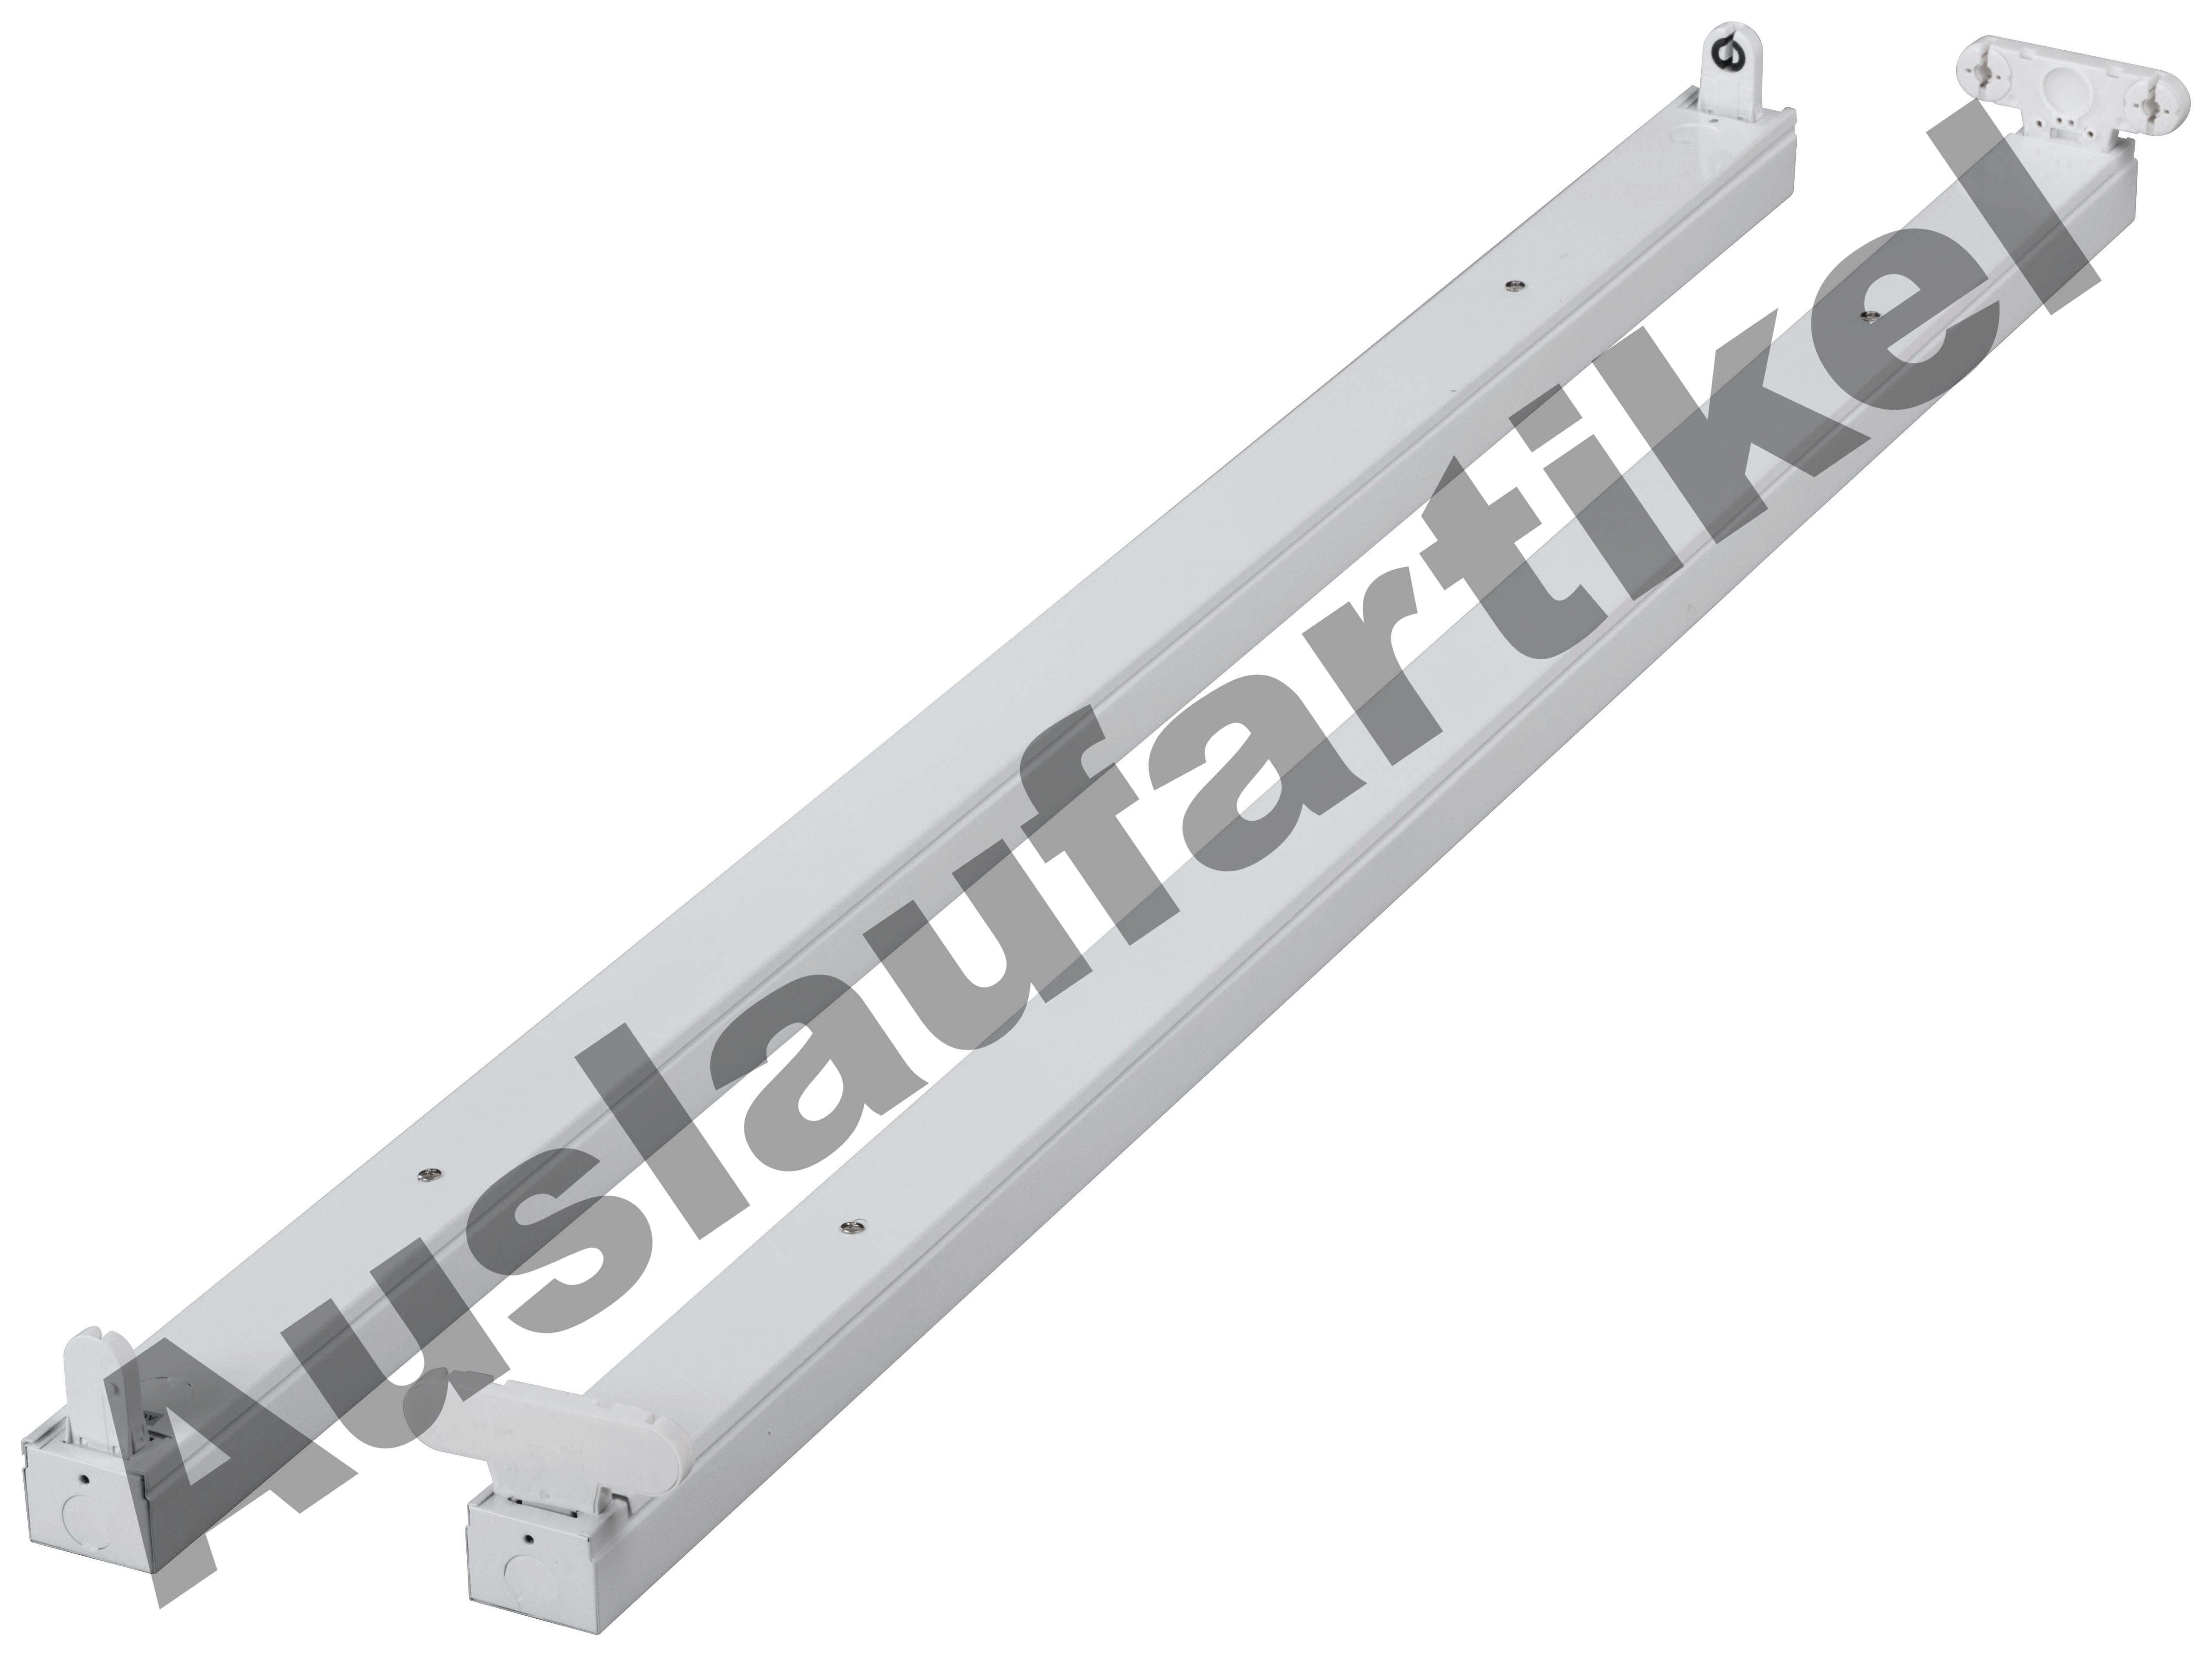 Freistrahlende Lichtleiste für LED-Röhren